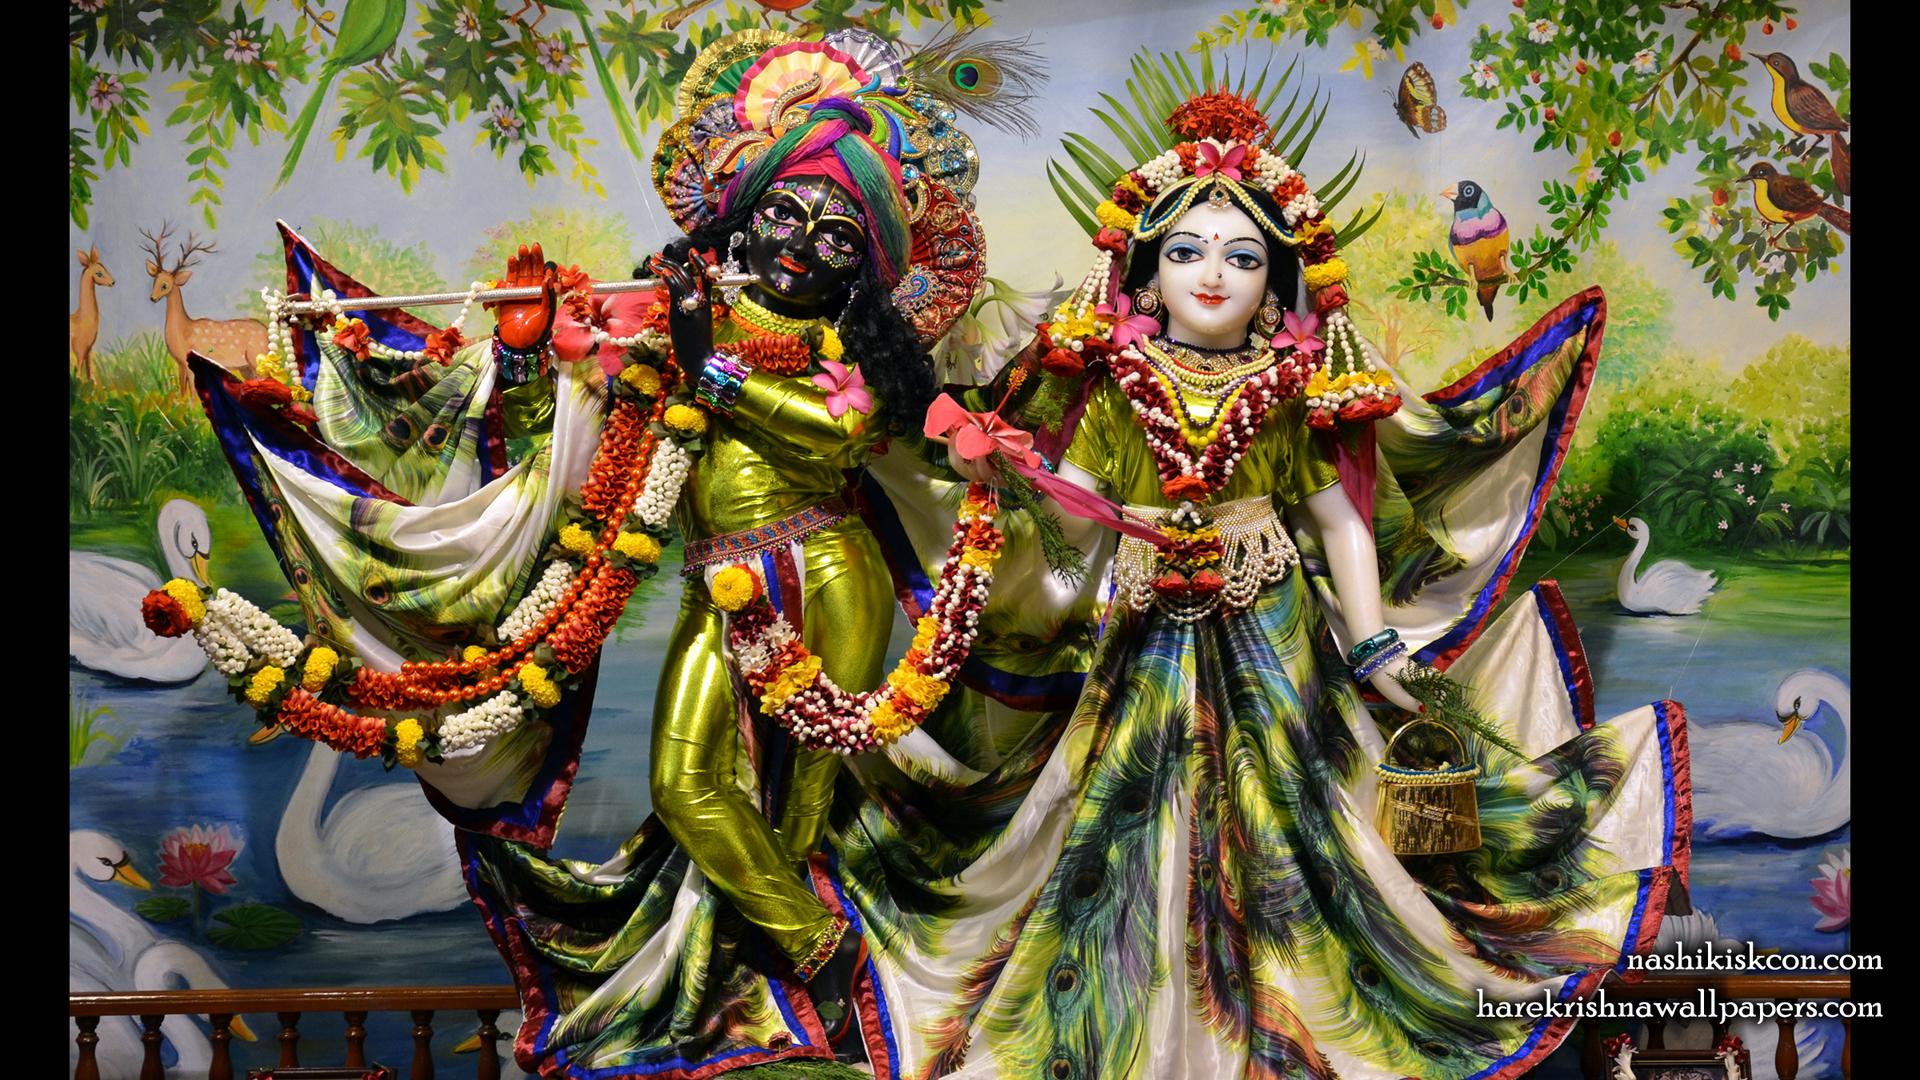 Sri Sri Radha Madan Gopal Wallpaper (004) Size 1920x1080 Download